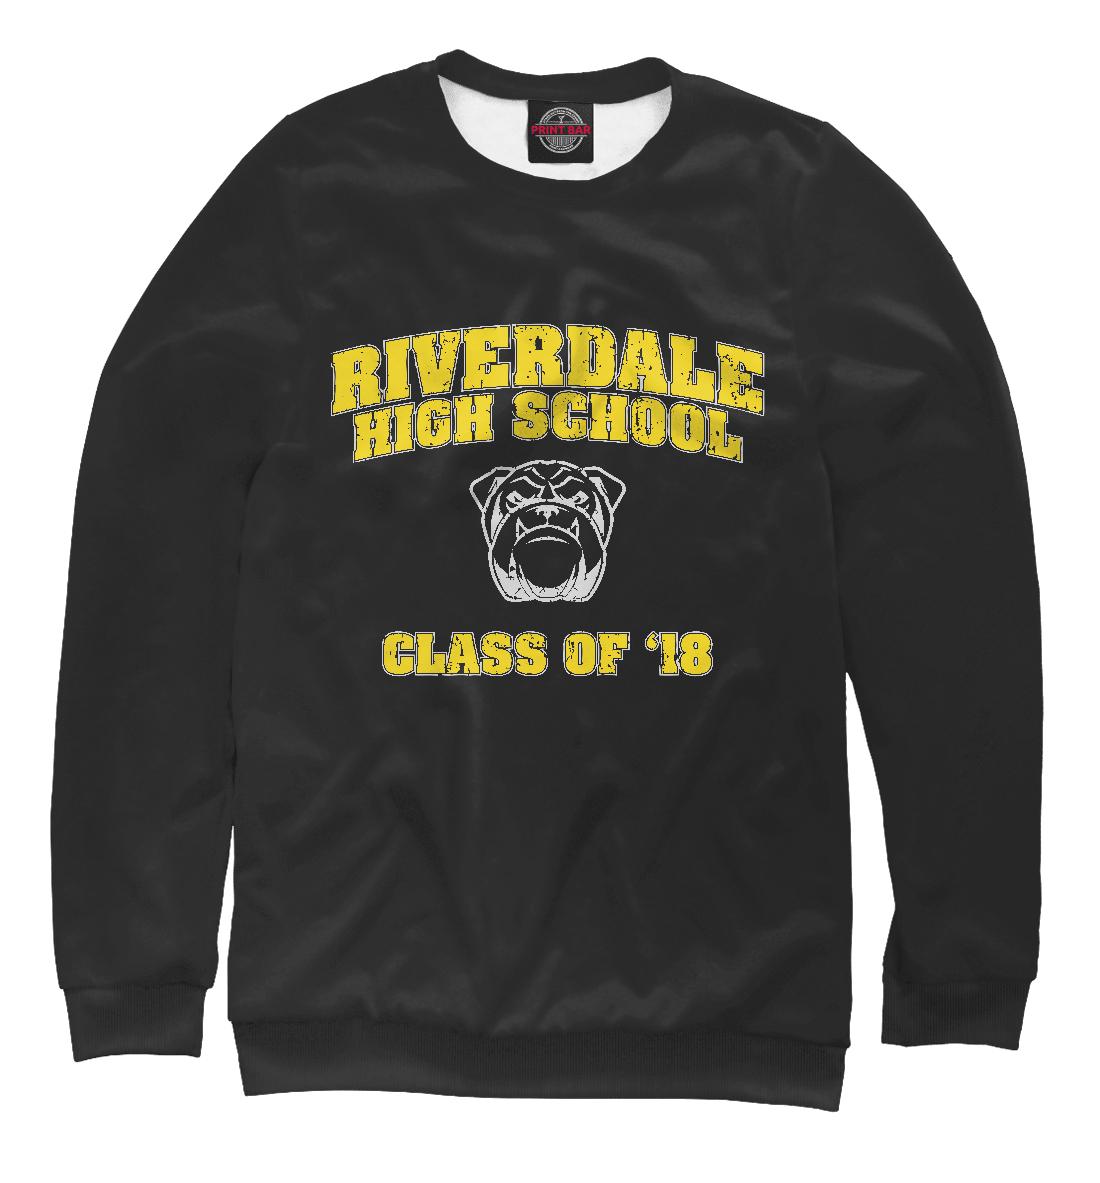 Купить Школа Ривердейл, Printbar, Свитшоты, RVD-327917-swi-2